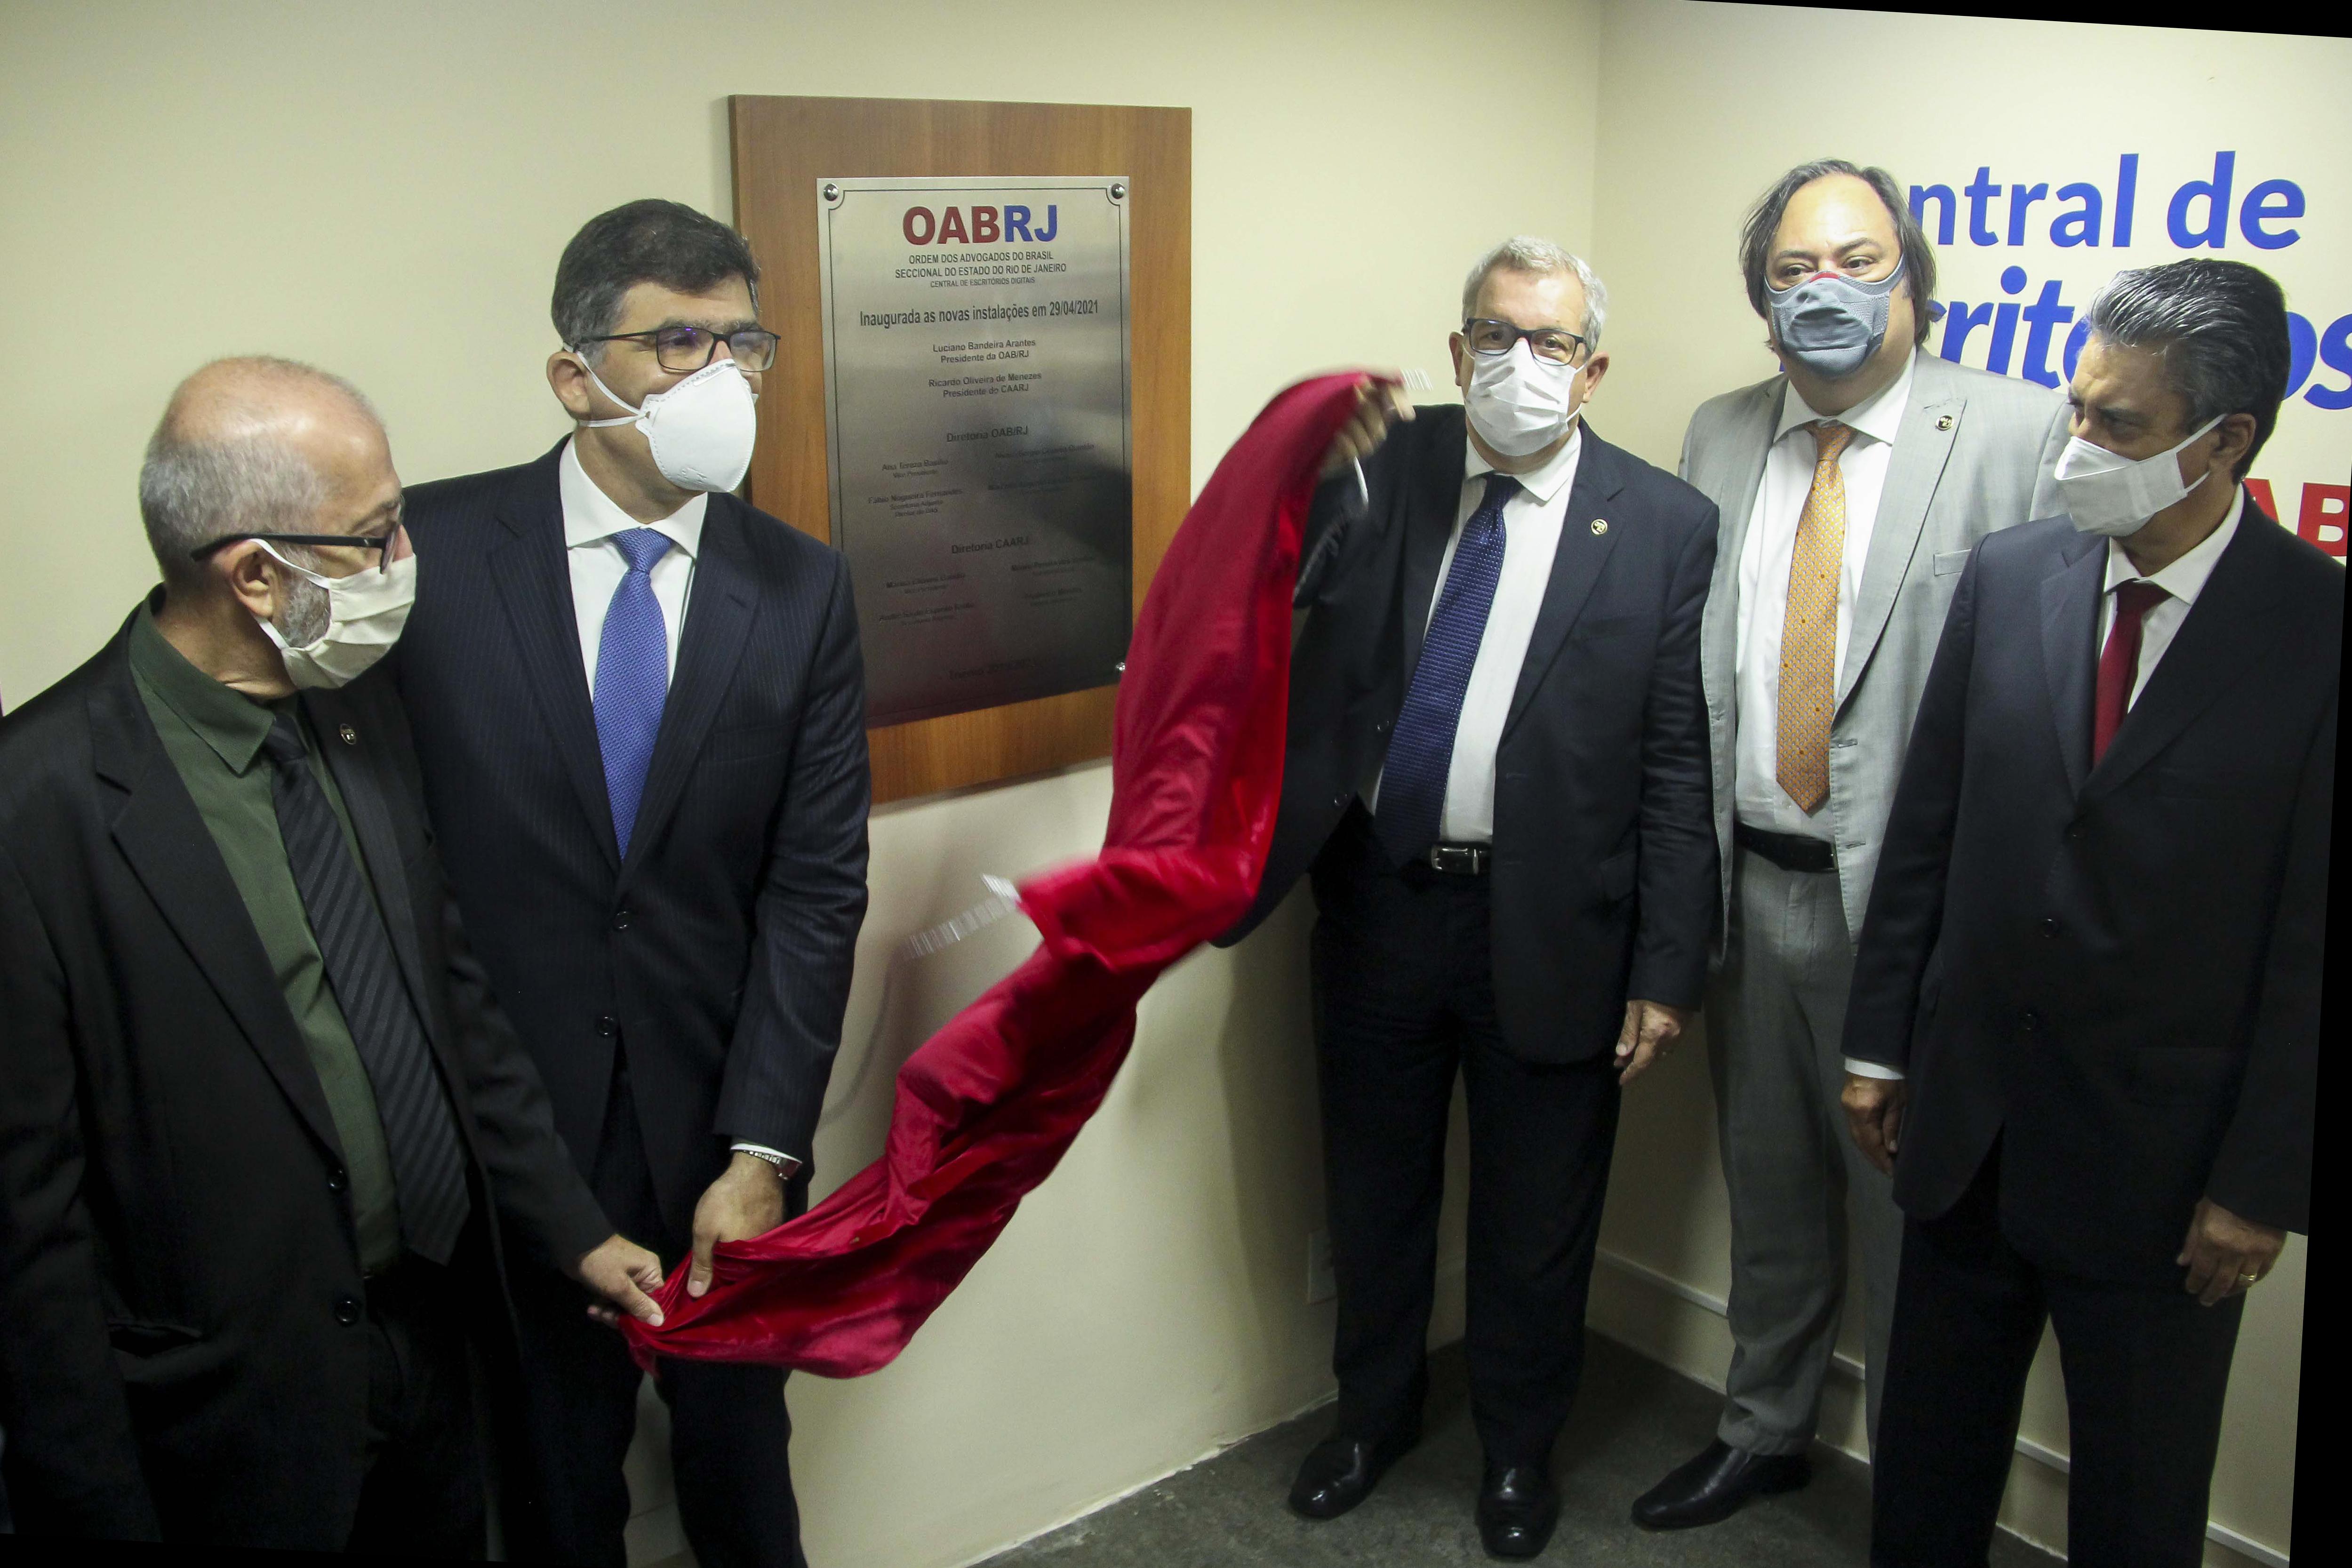 Caarj E OABRJ Inauguram Central De Escritórios Digitais